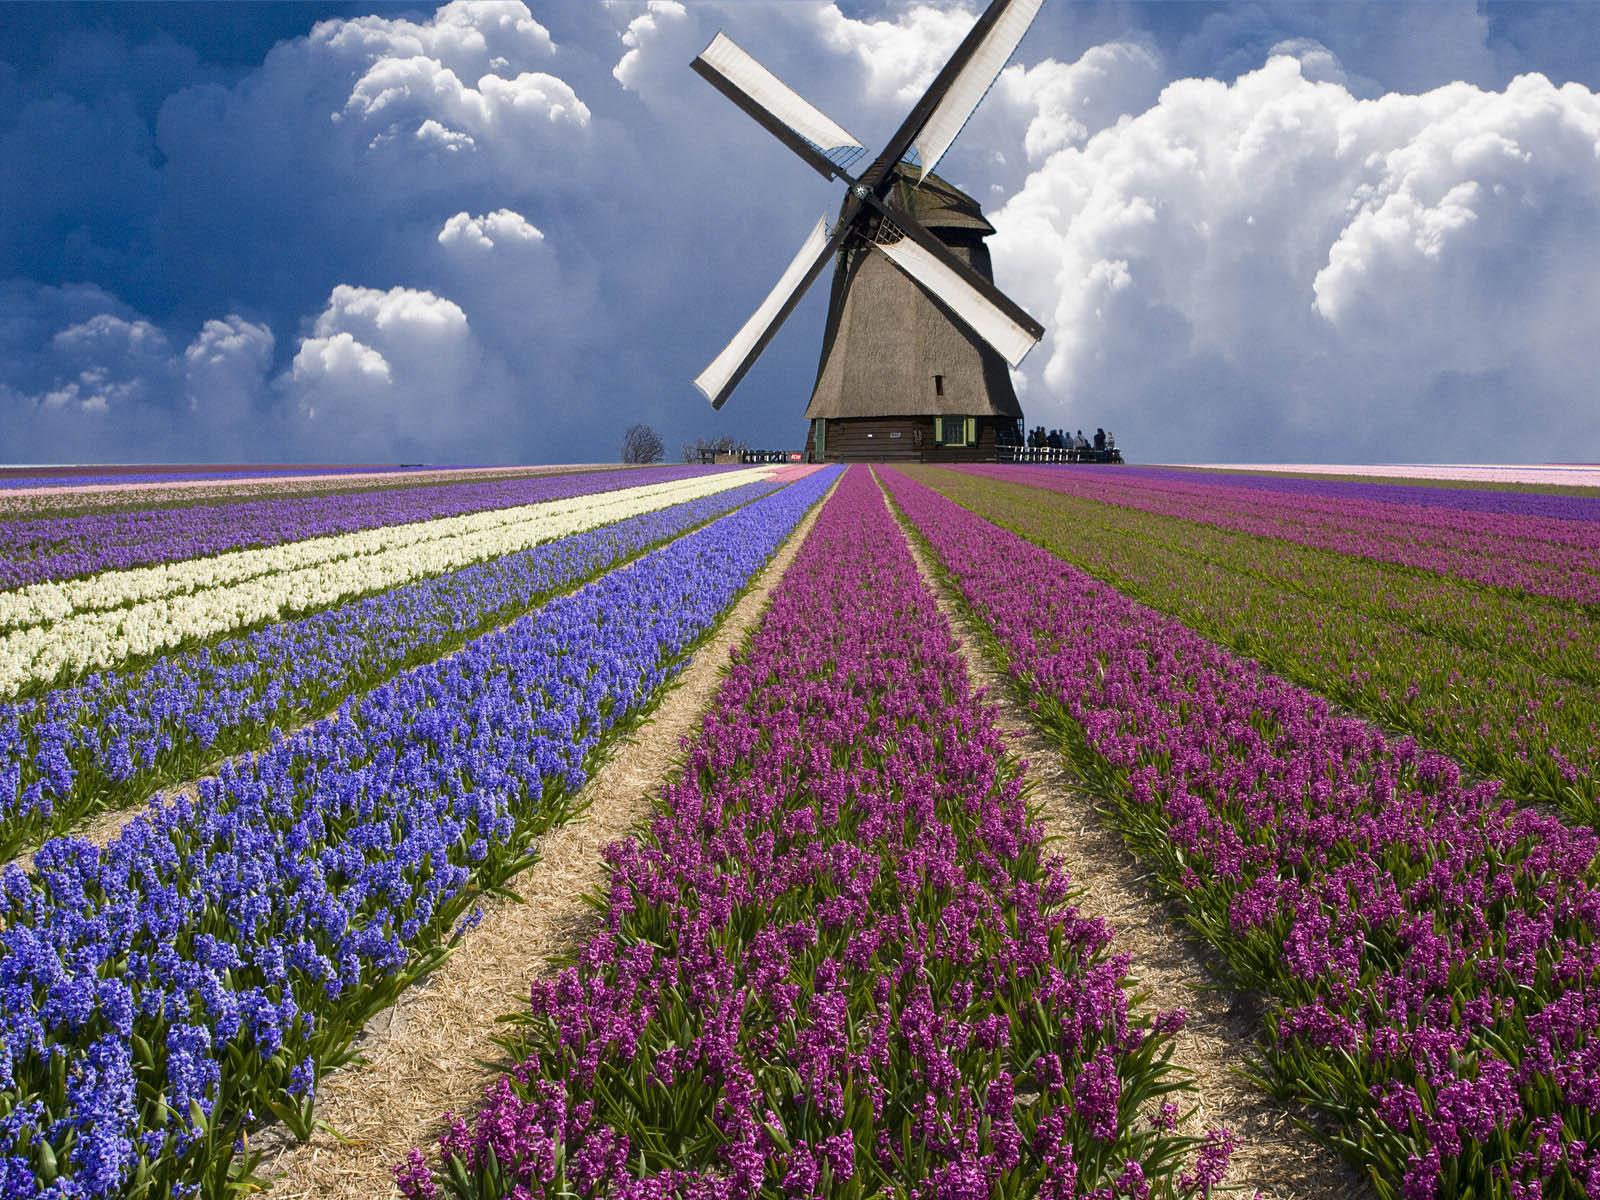 Indahnya Kebun Bunga Di Belanda 3d Desktop Wallpaper